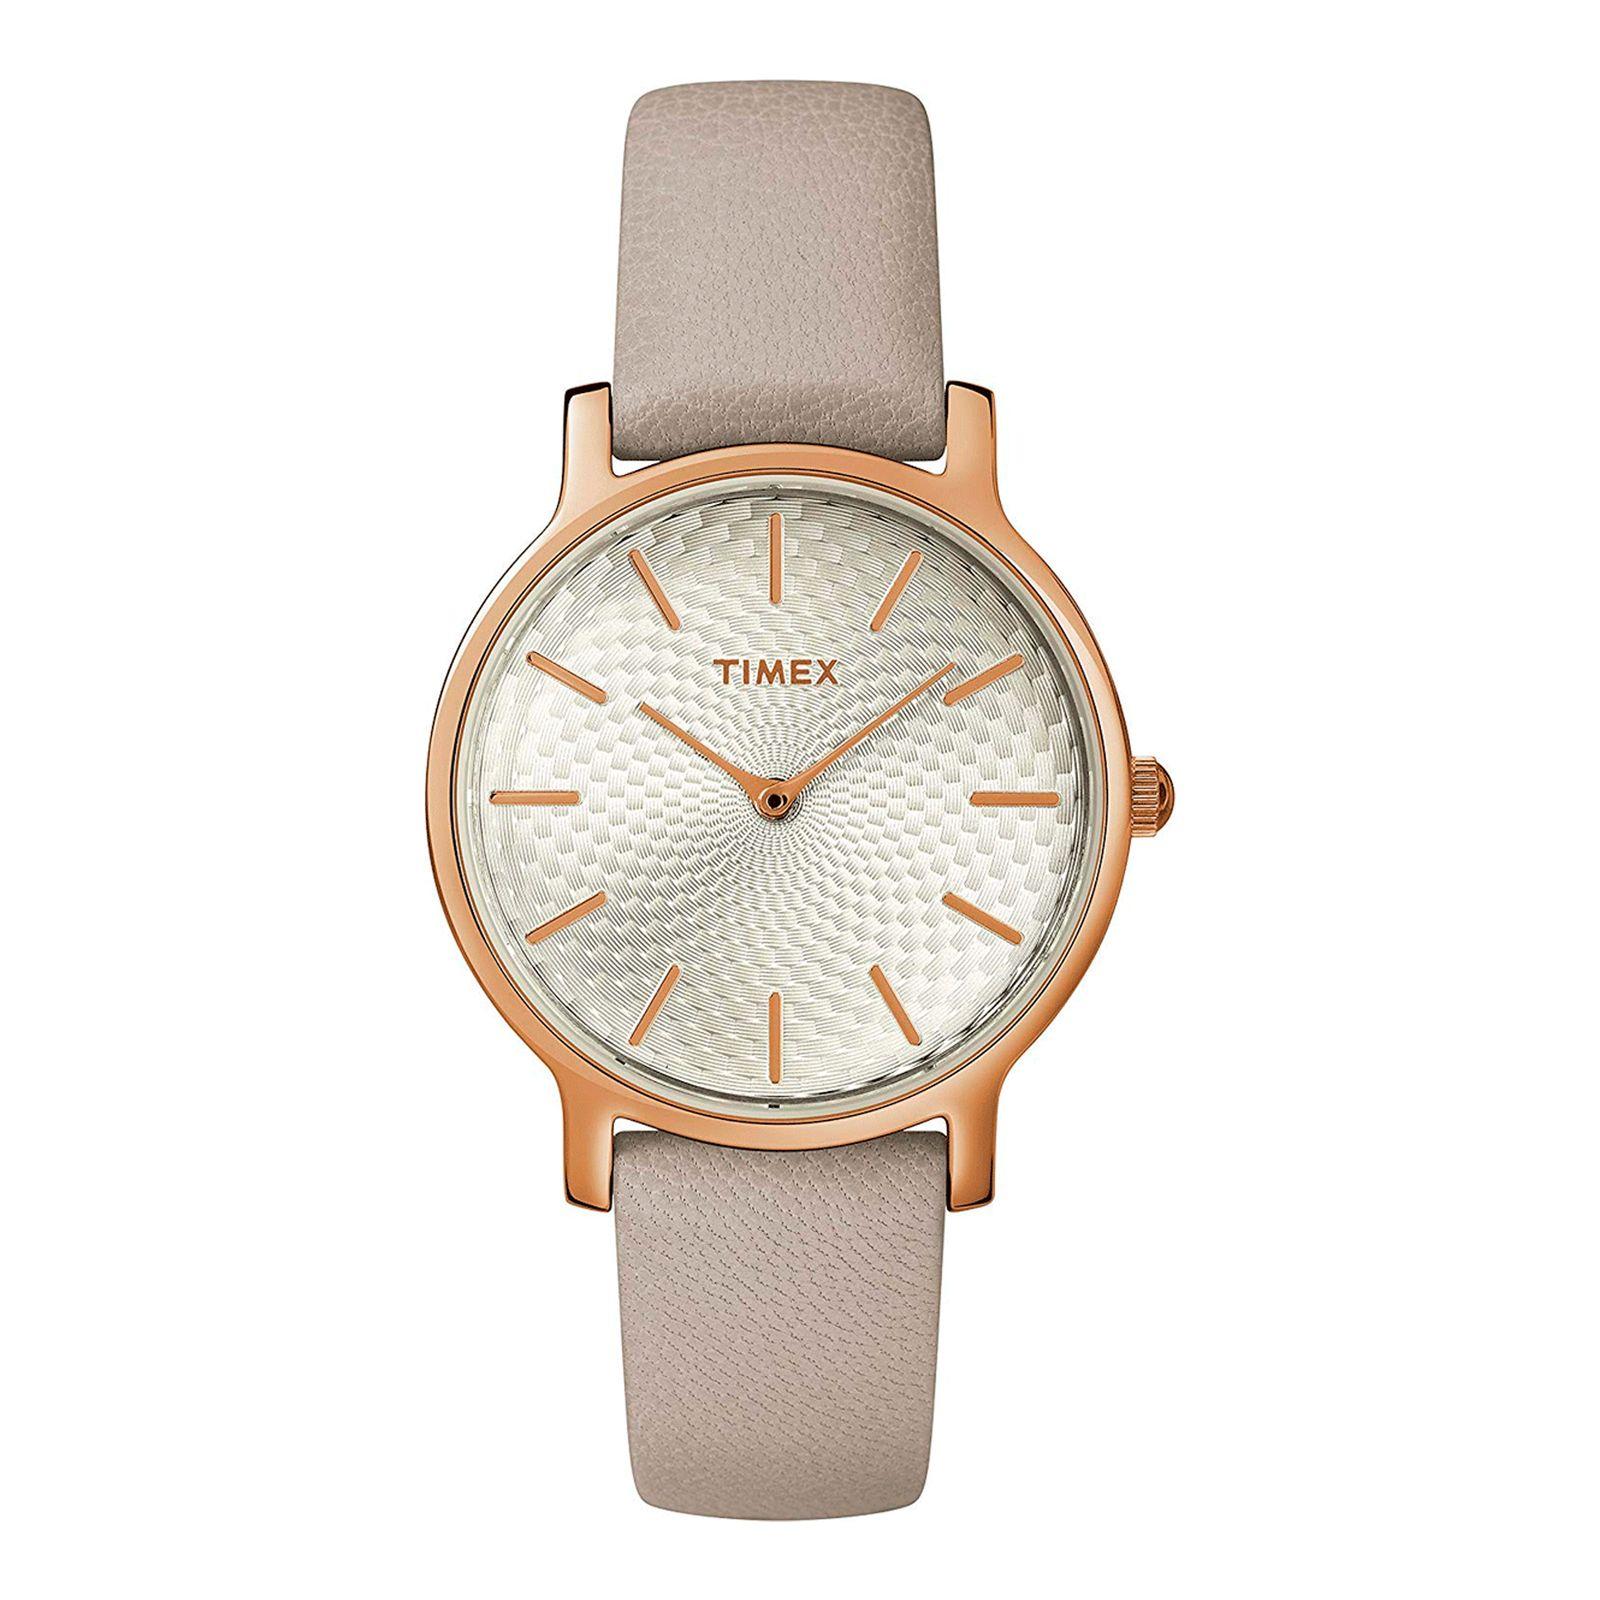 ساعت مچی عقربه ای زنانه تایمکس مدل TW2R96200 -  - 2